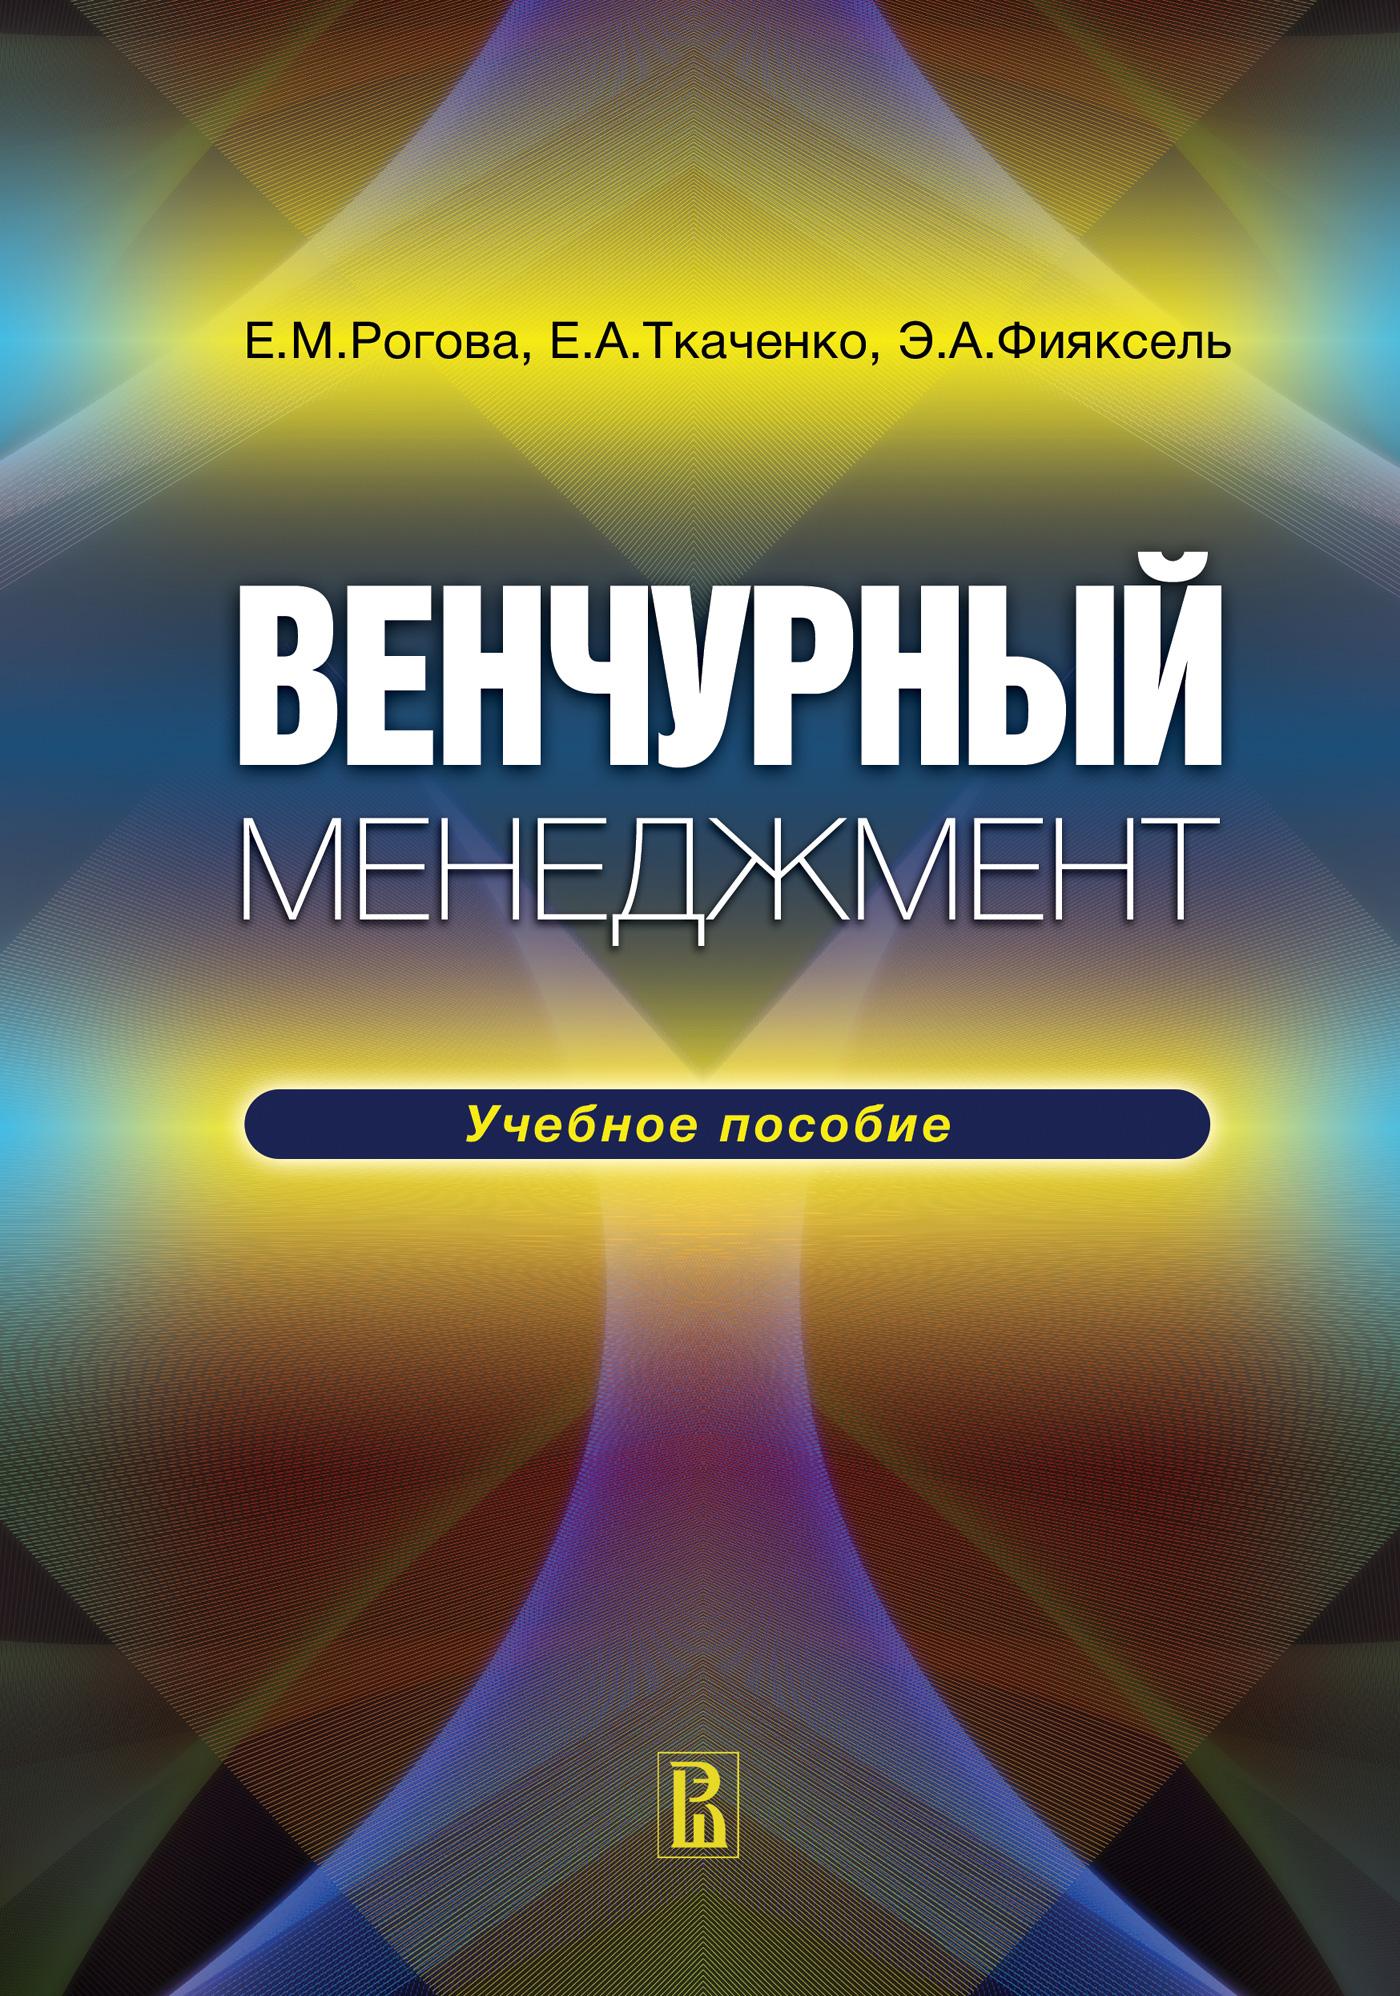 Обложка книги. Автор - Эдуард Фияксель